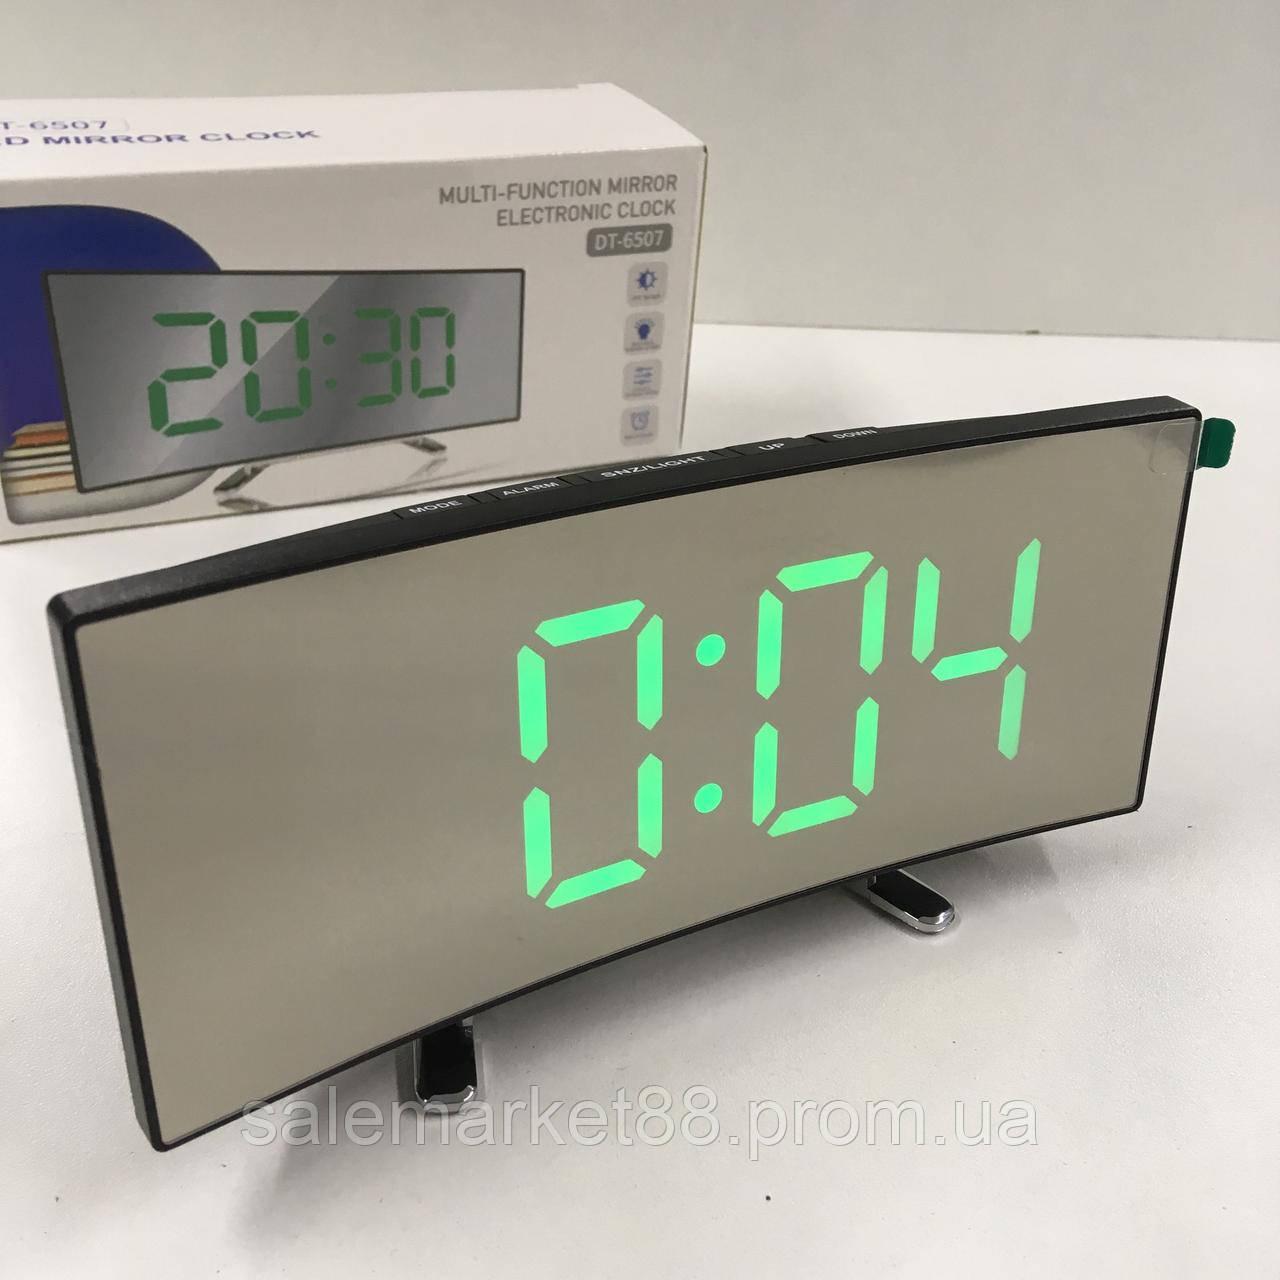 Часы DT-6507  зеркальные Черный корпус Зеленые цифры настольные Термометр Будильник Батарейки USB